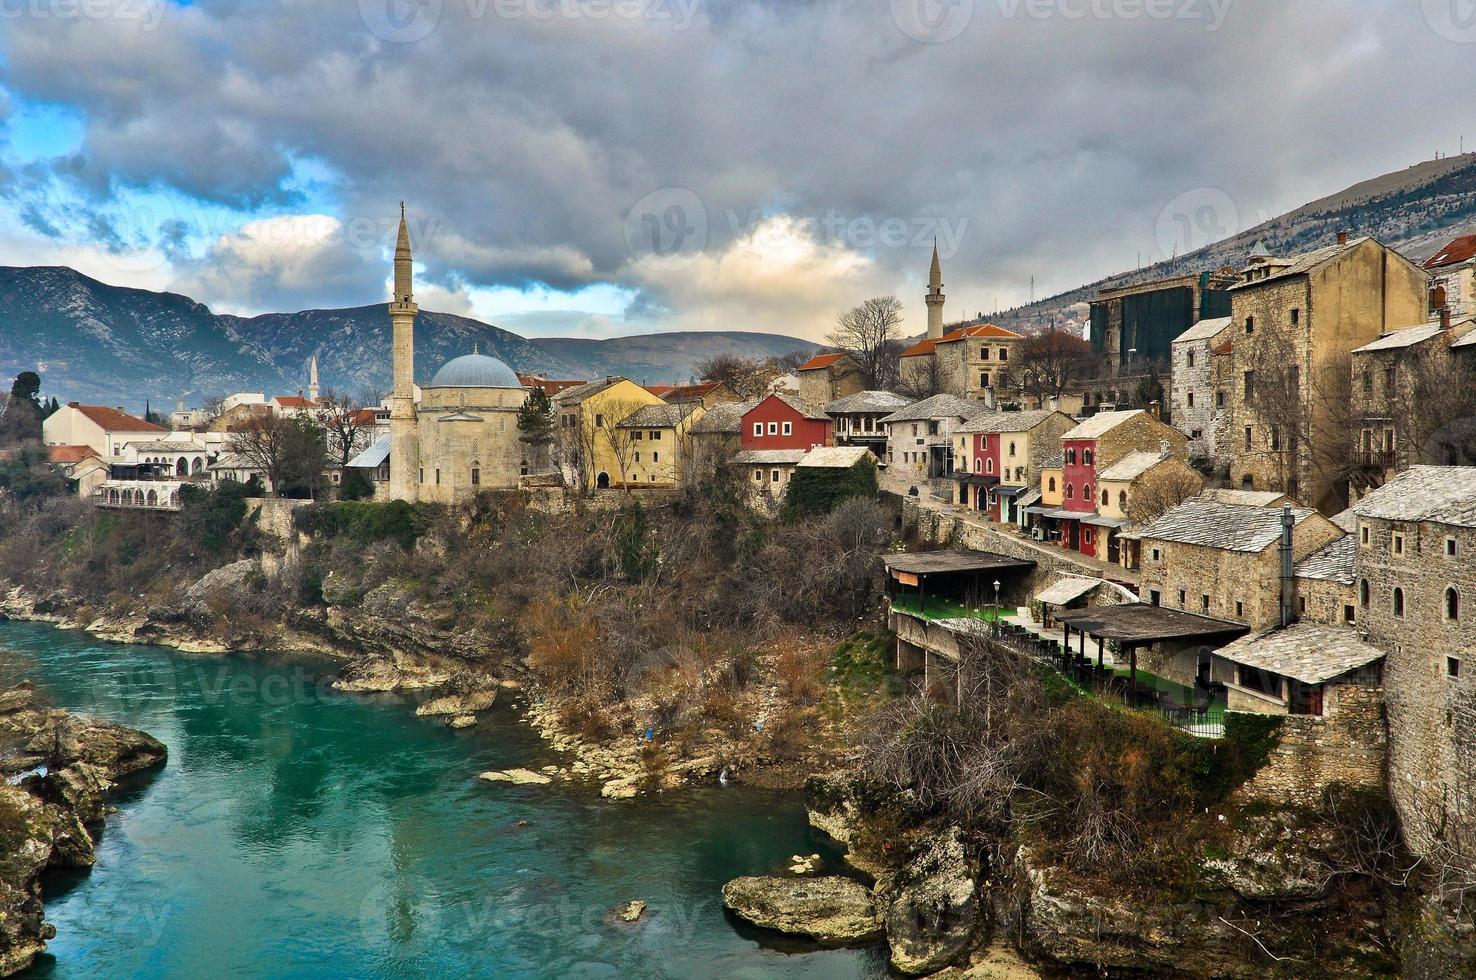 Mostar oude stadsarchitectuur foto